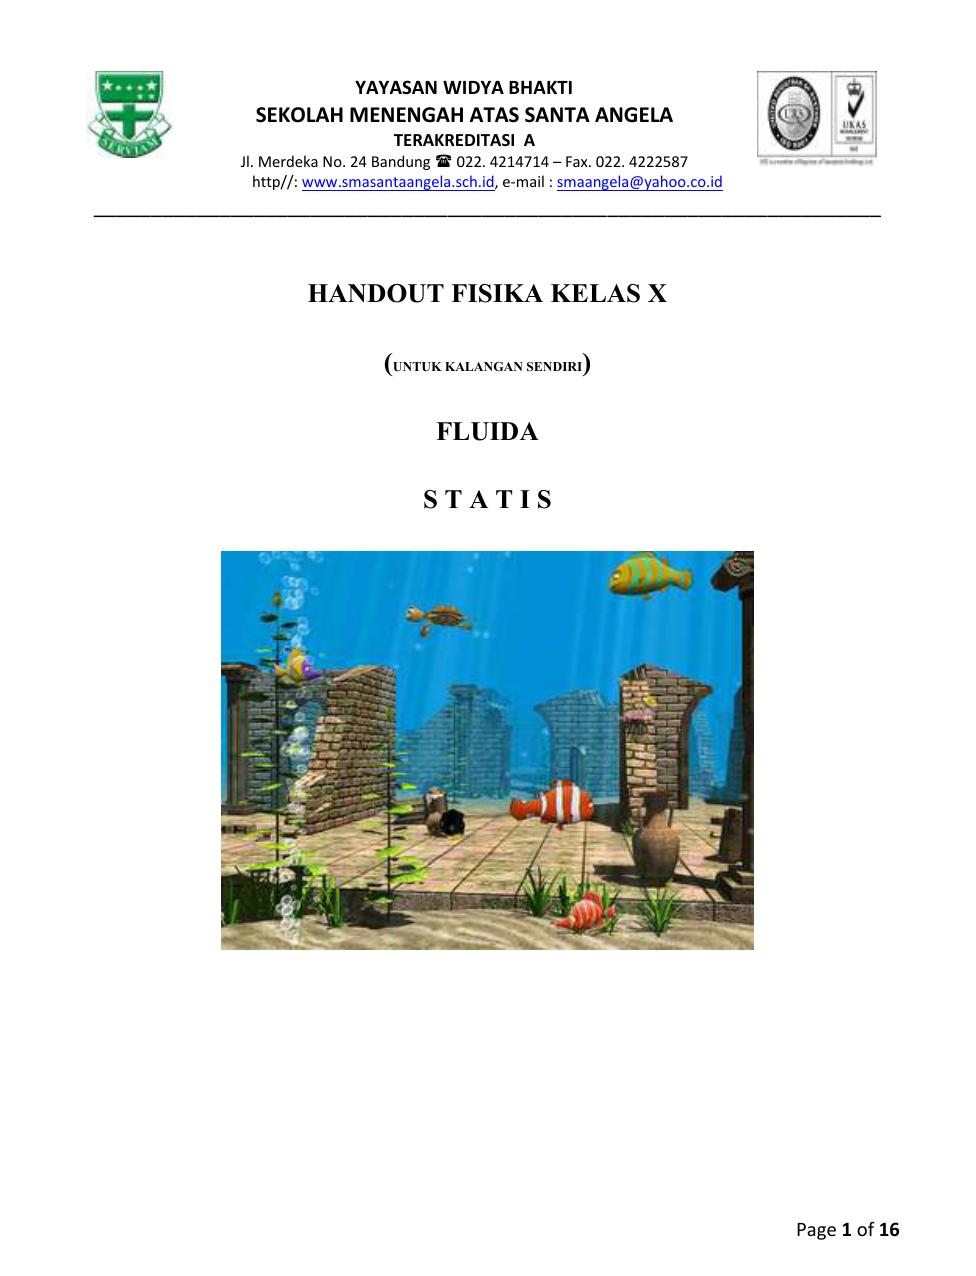 Handout Fluida Statis